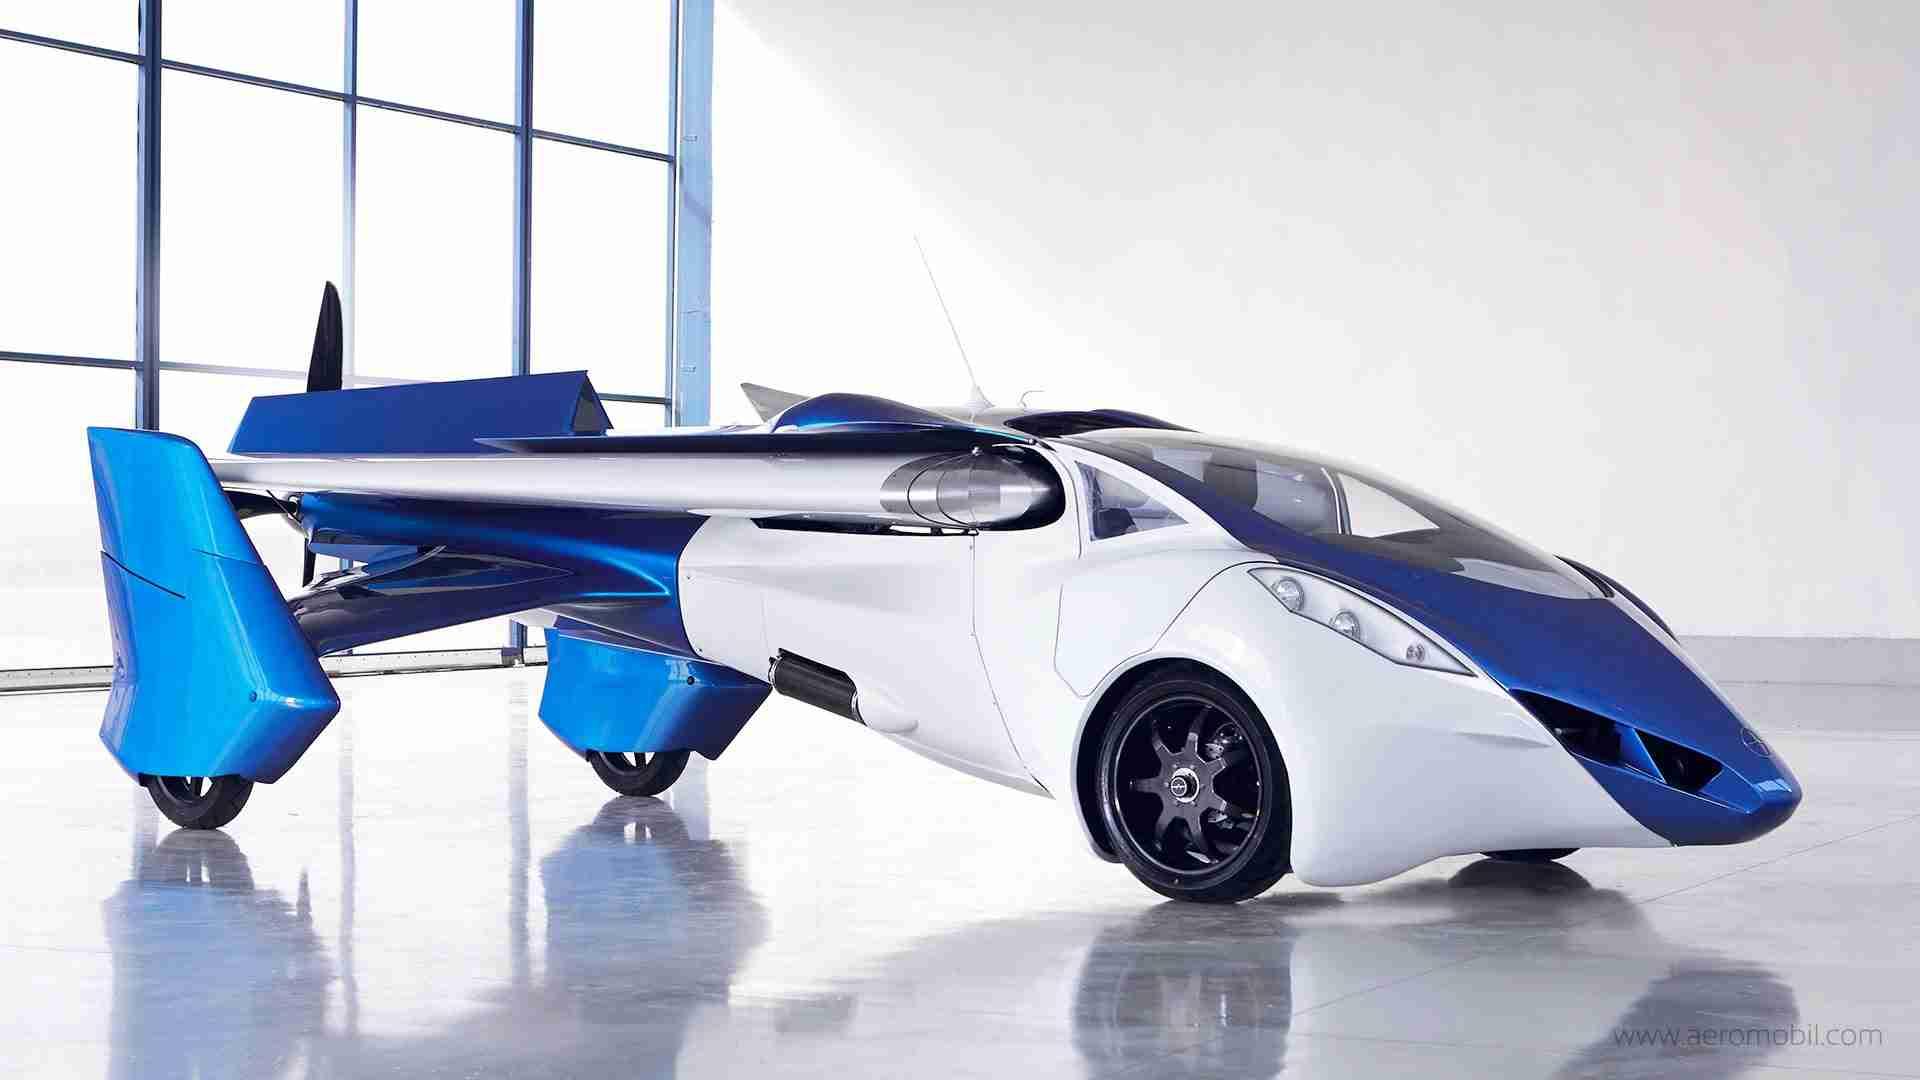 マジか?最新 「空飛ぶ車」 マジでカッコイイ! 【AeroMobi】 - YouTube